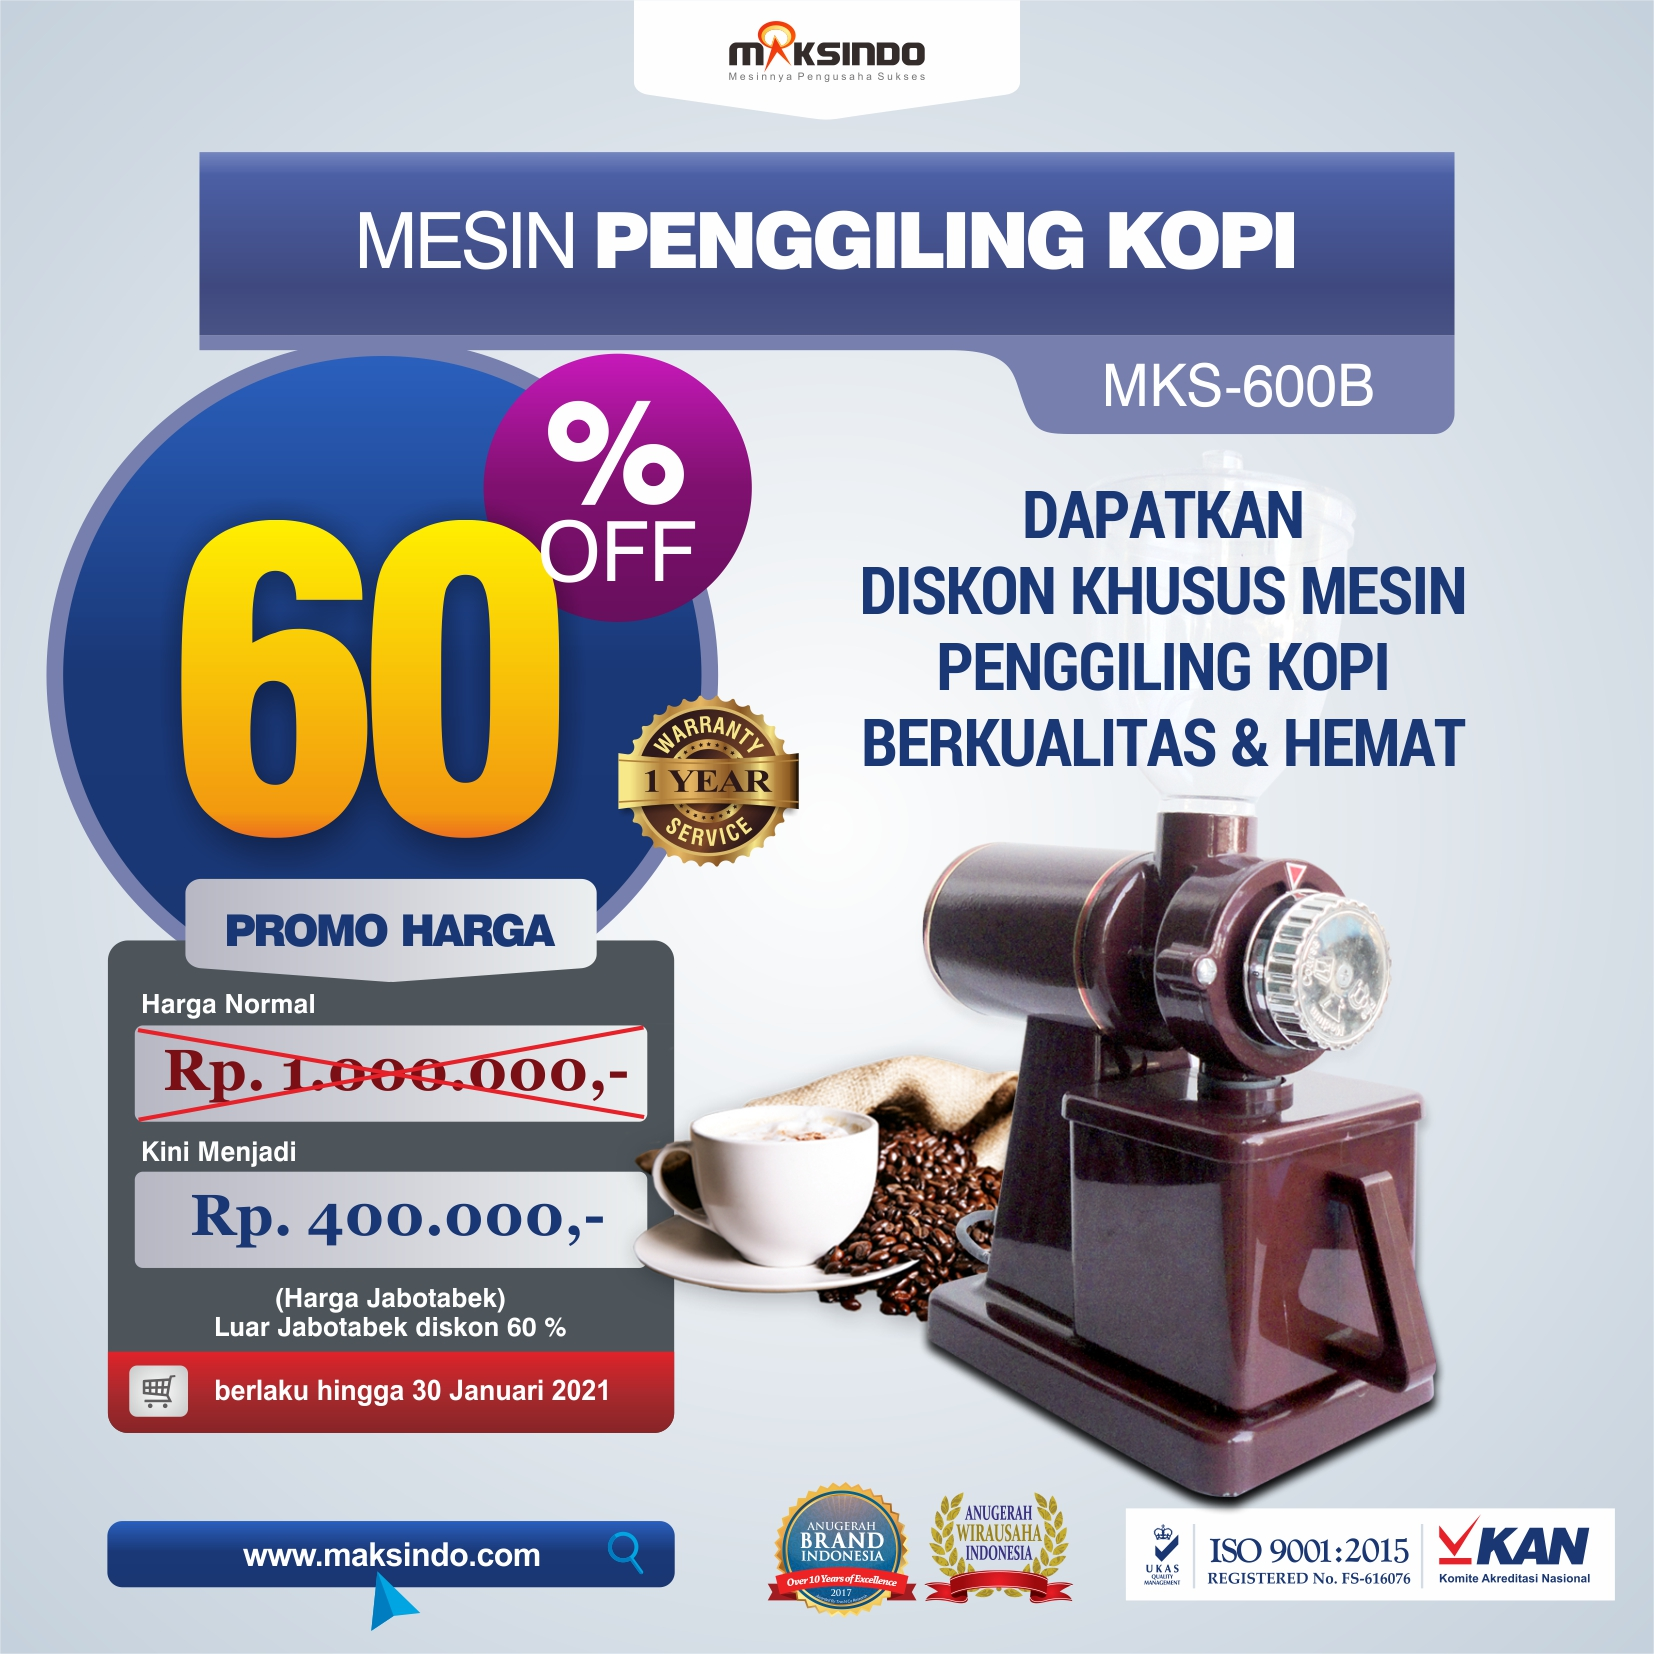 Jual Mesin Penggiling Kopi (MKS-600B) di Semarang